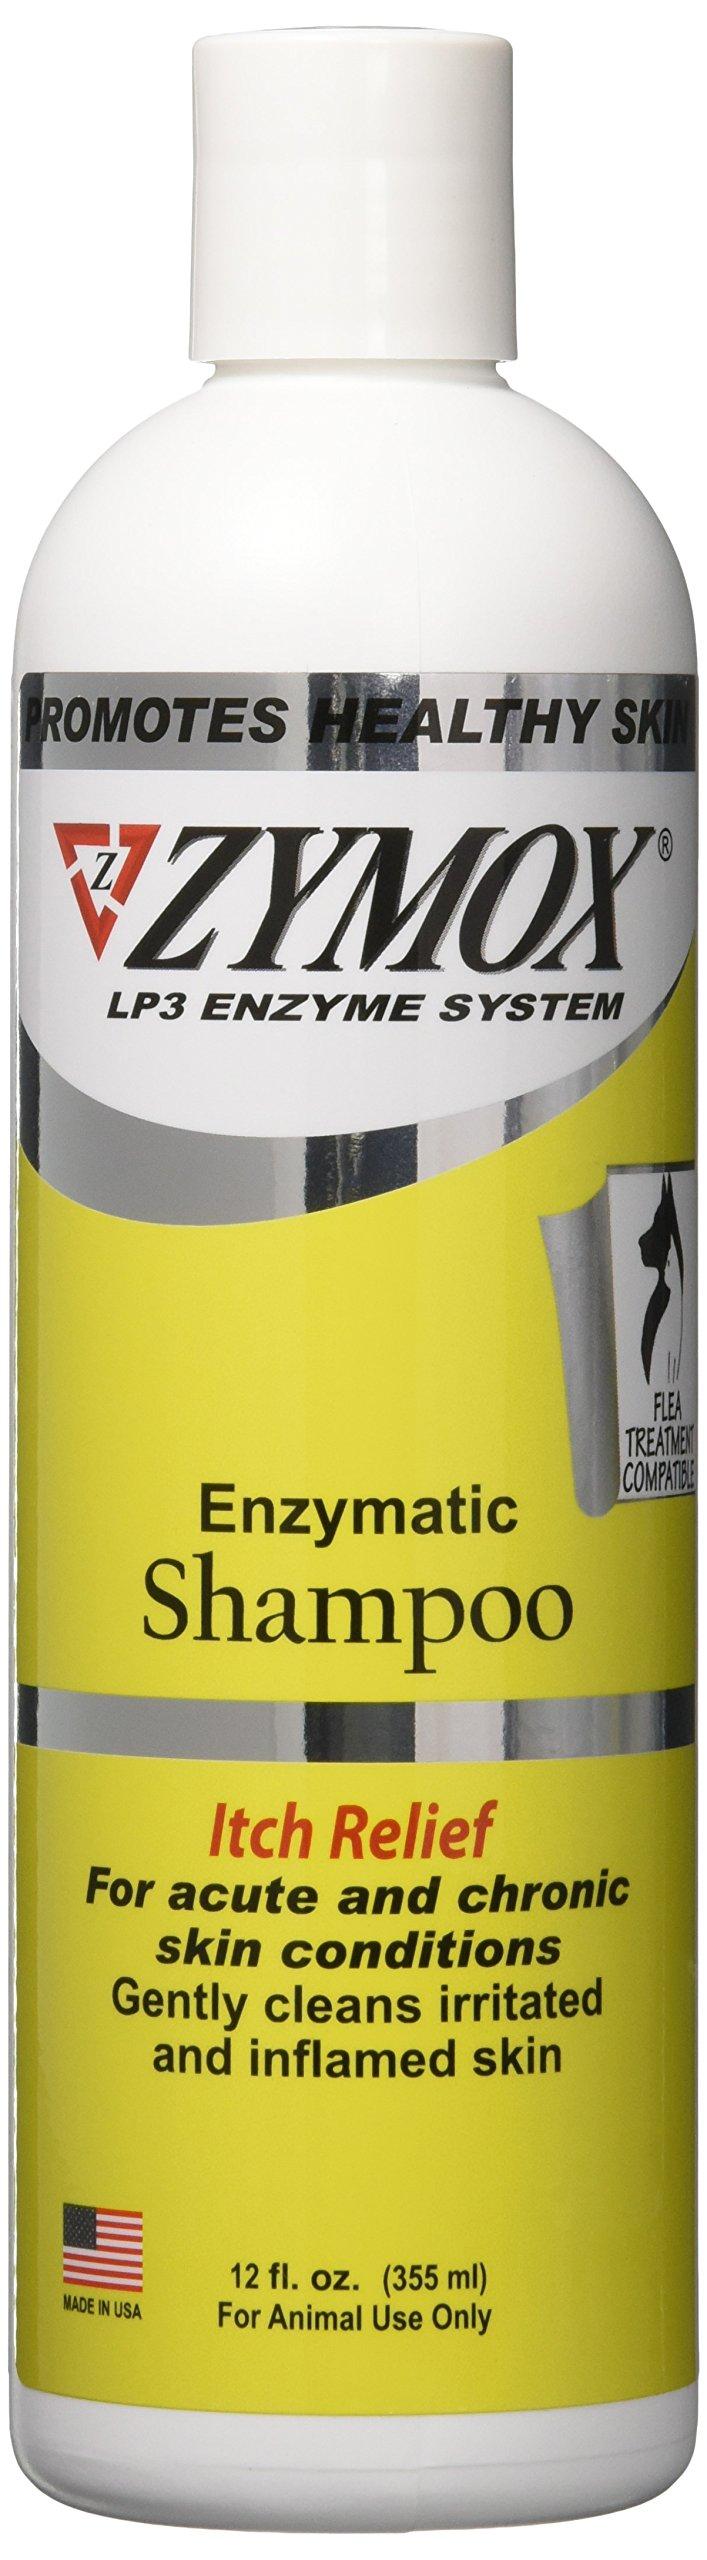 ZYMOX Enzymatic Shampoo, 12 oz